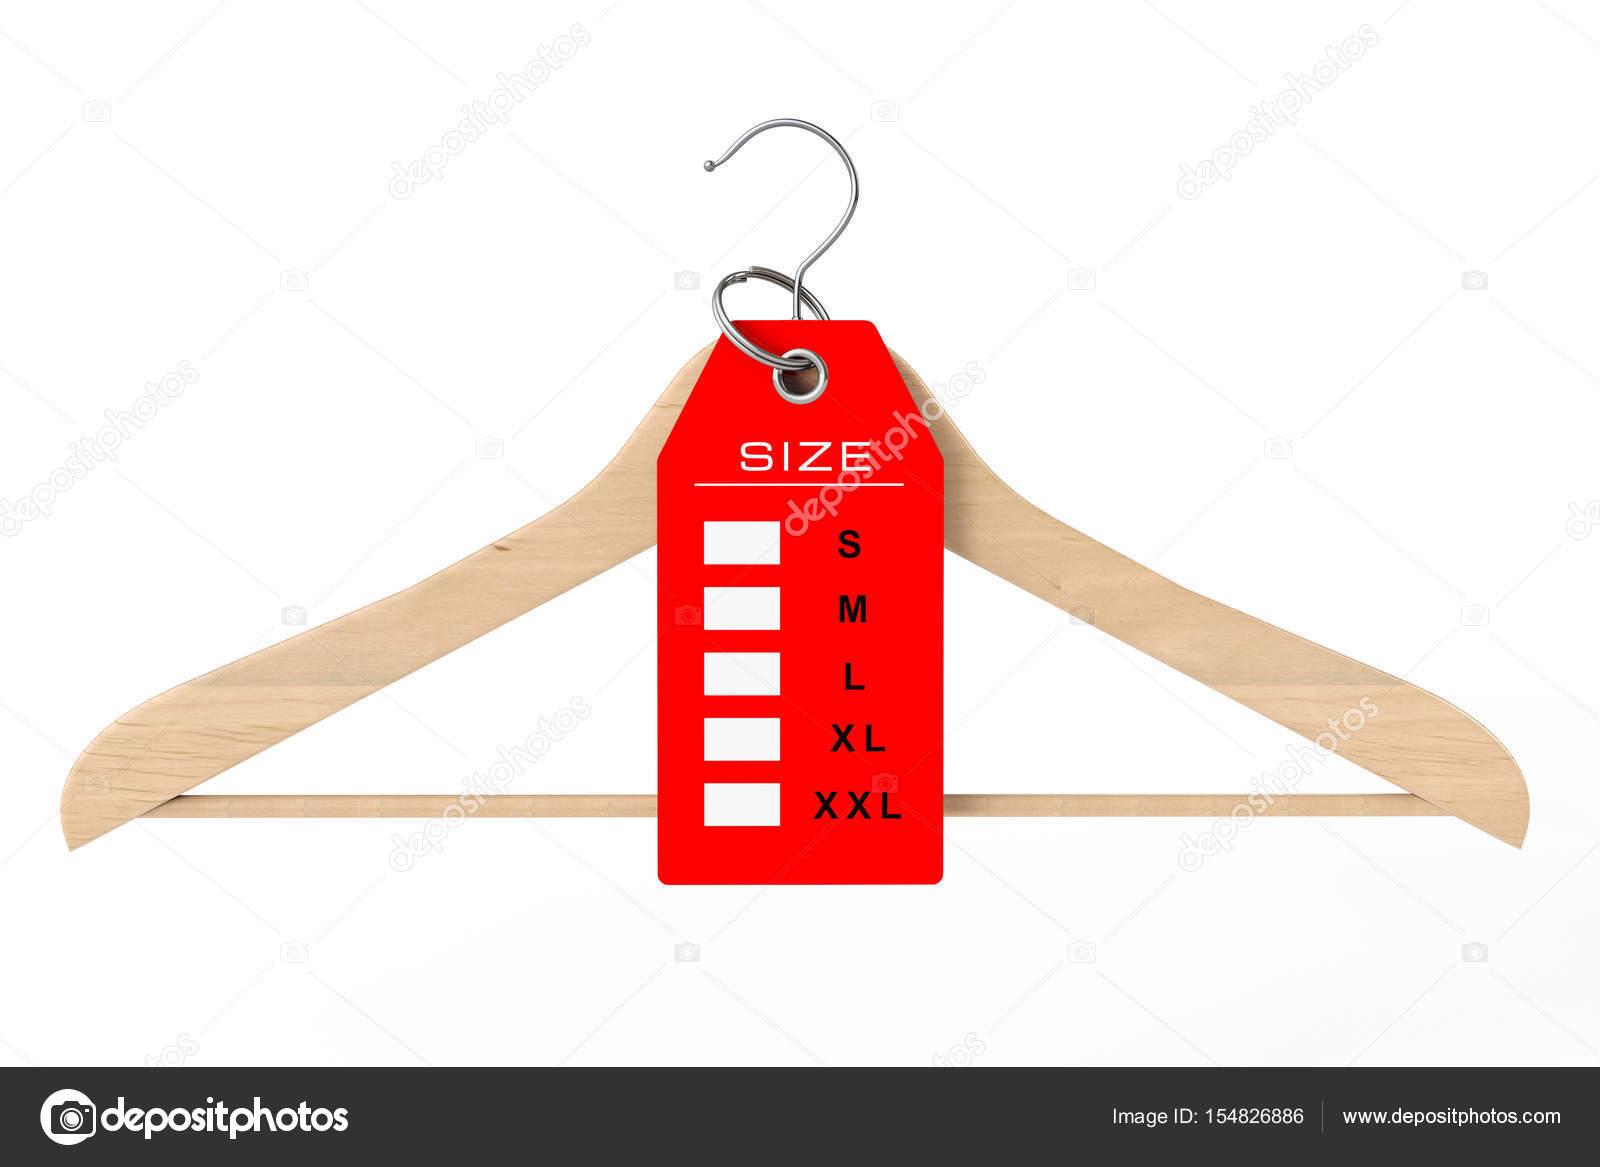 Fa vállfa és ruha címke méret-jel. 3D-leképezés — Stock Fotó © doomu ... 005bd9eb0a